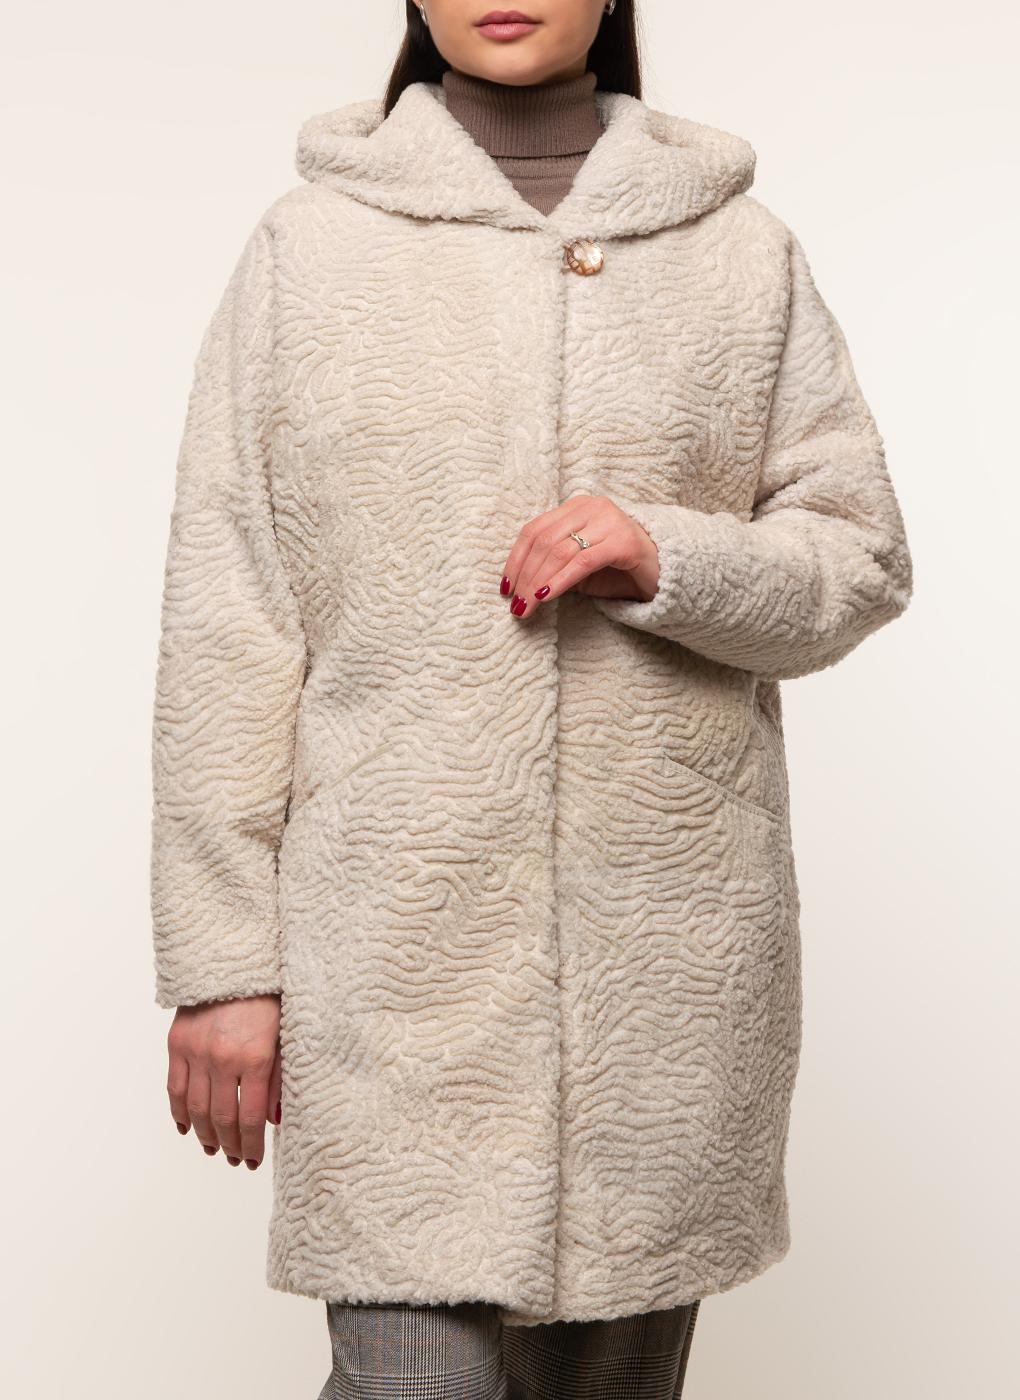 Пальто из овчины 04, Dzhanbekoff фото